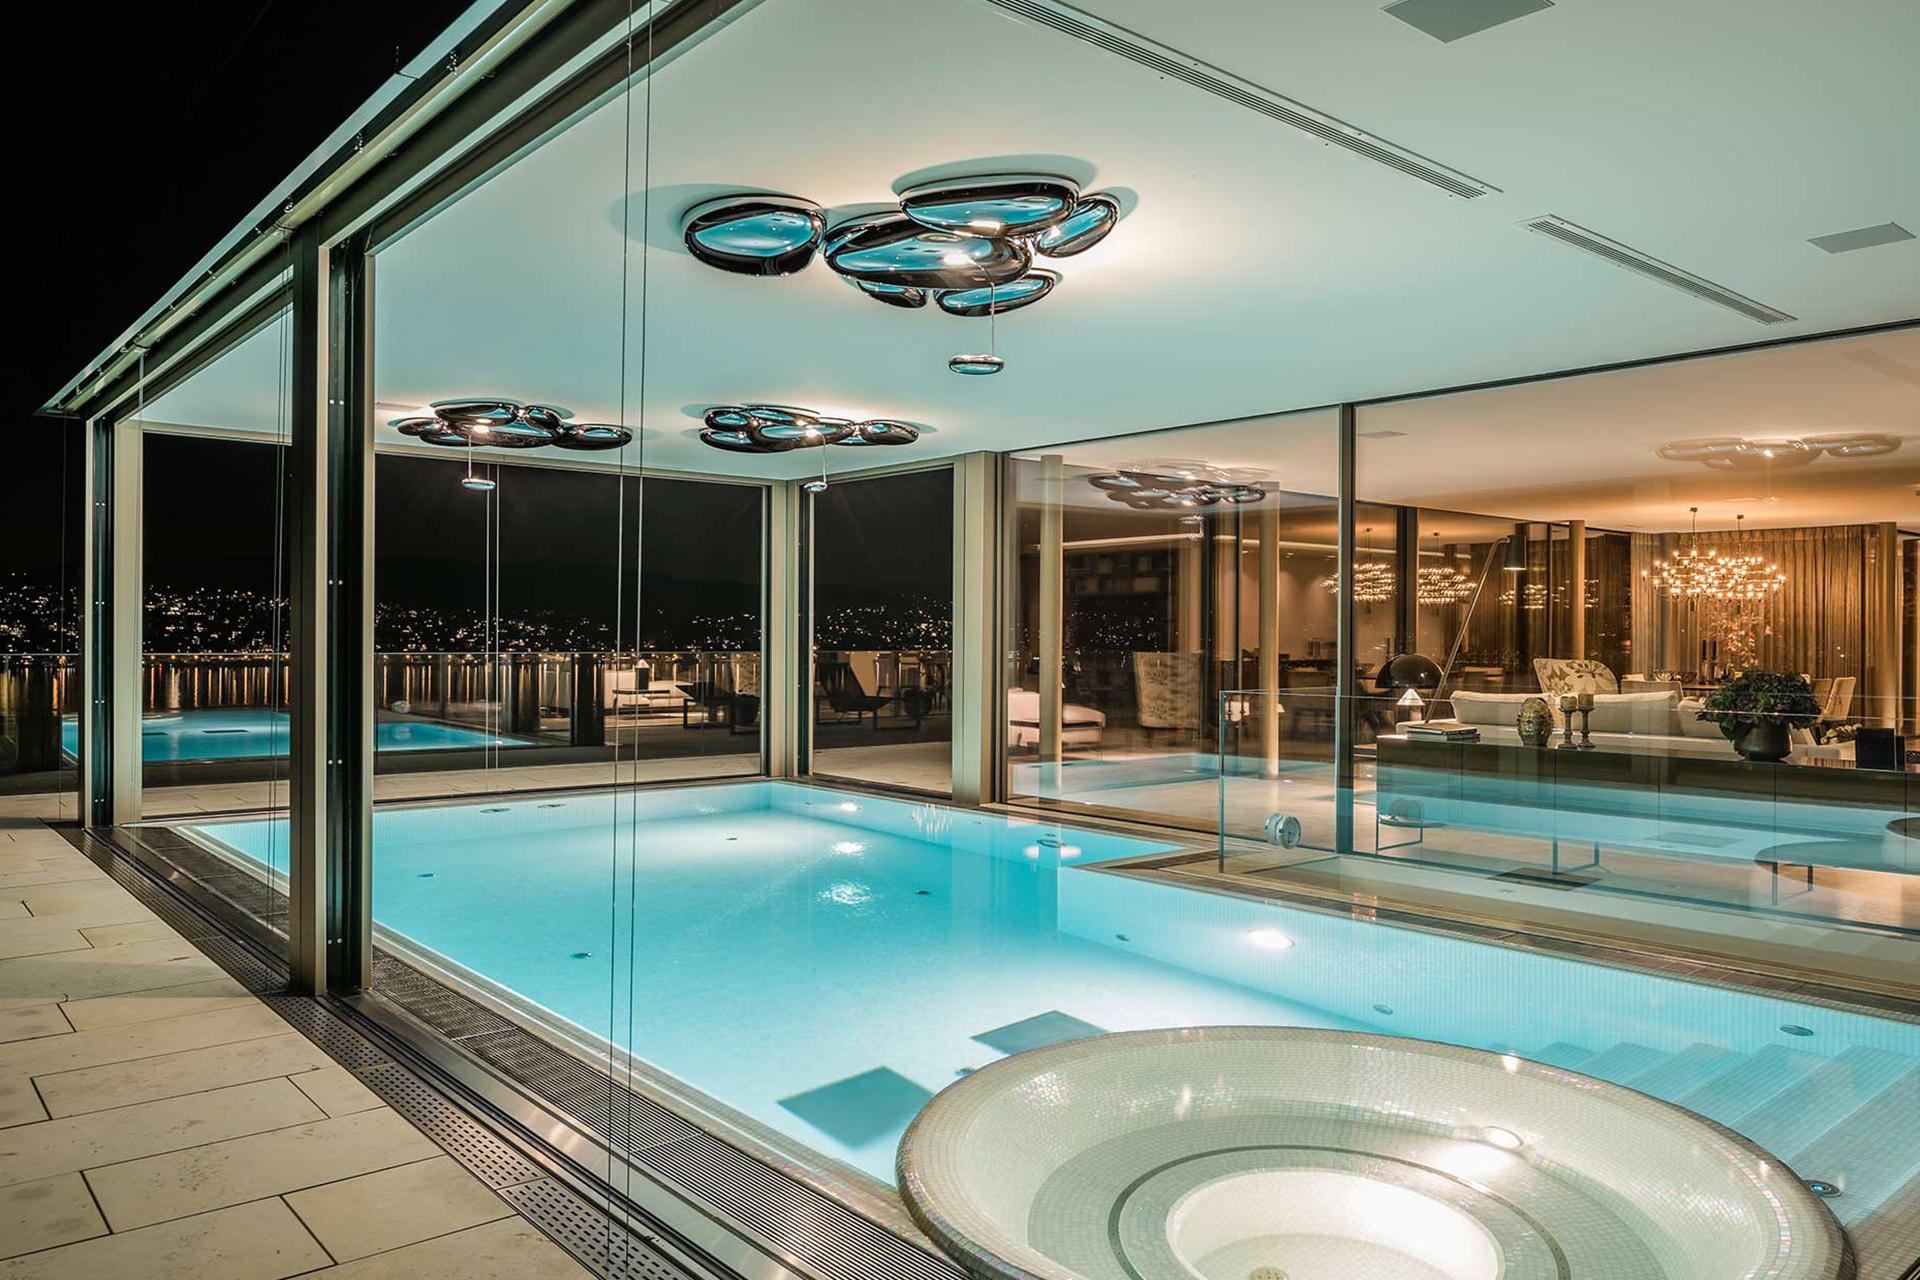 pool-kilchberg-31